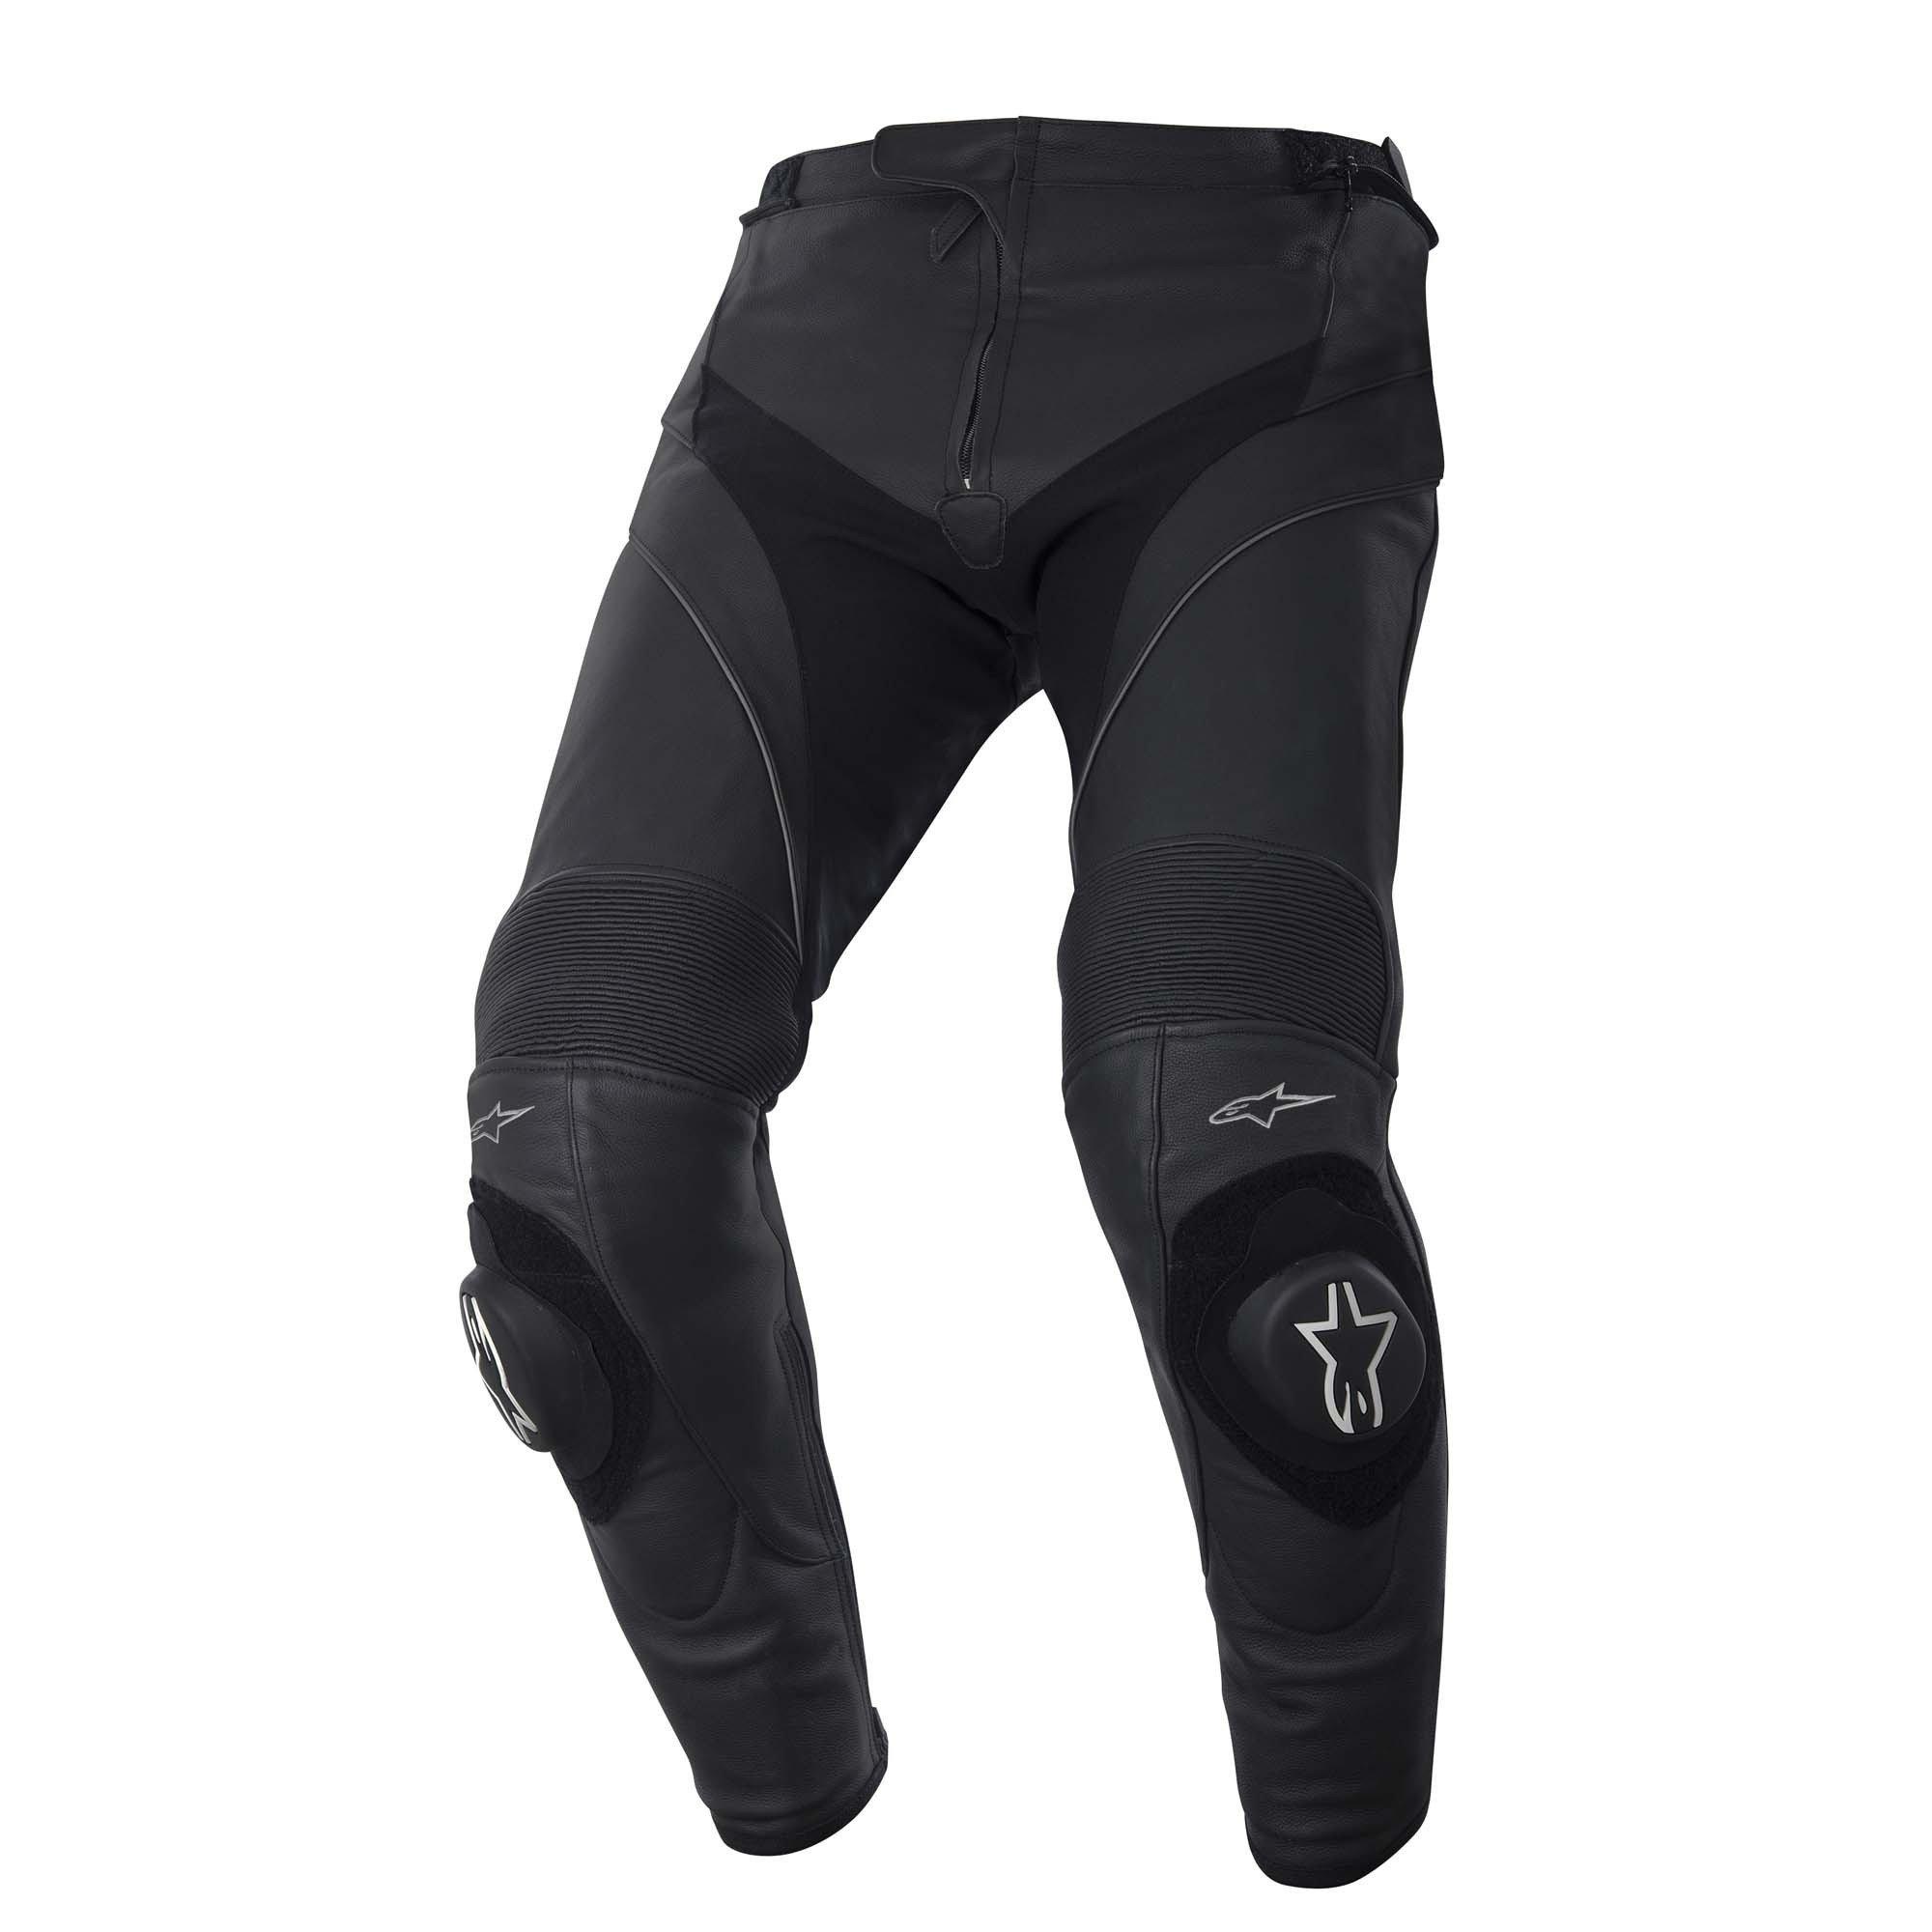 Pánské kožené kalhoty ALPINESTARS Missile (černé) 48